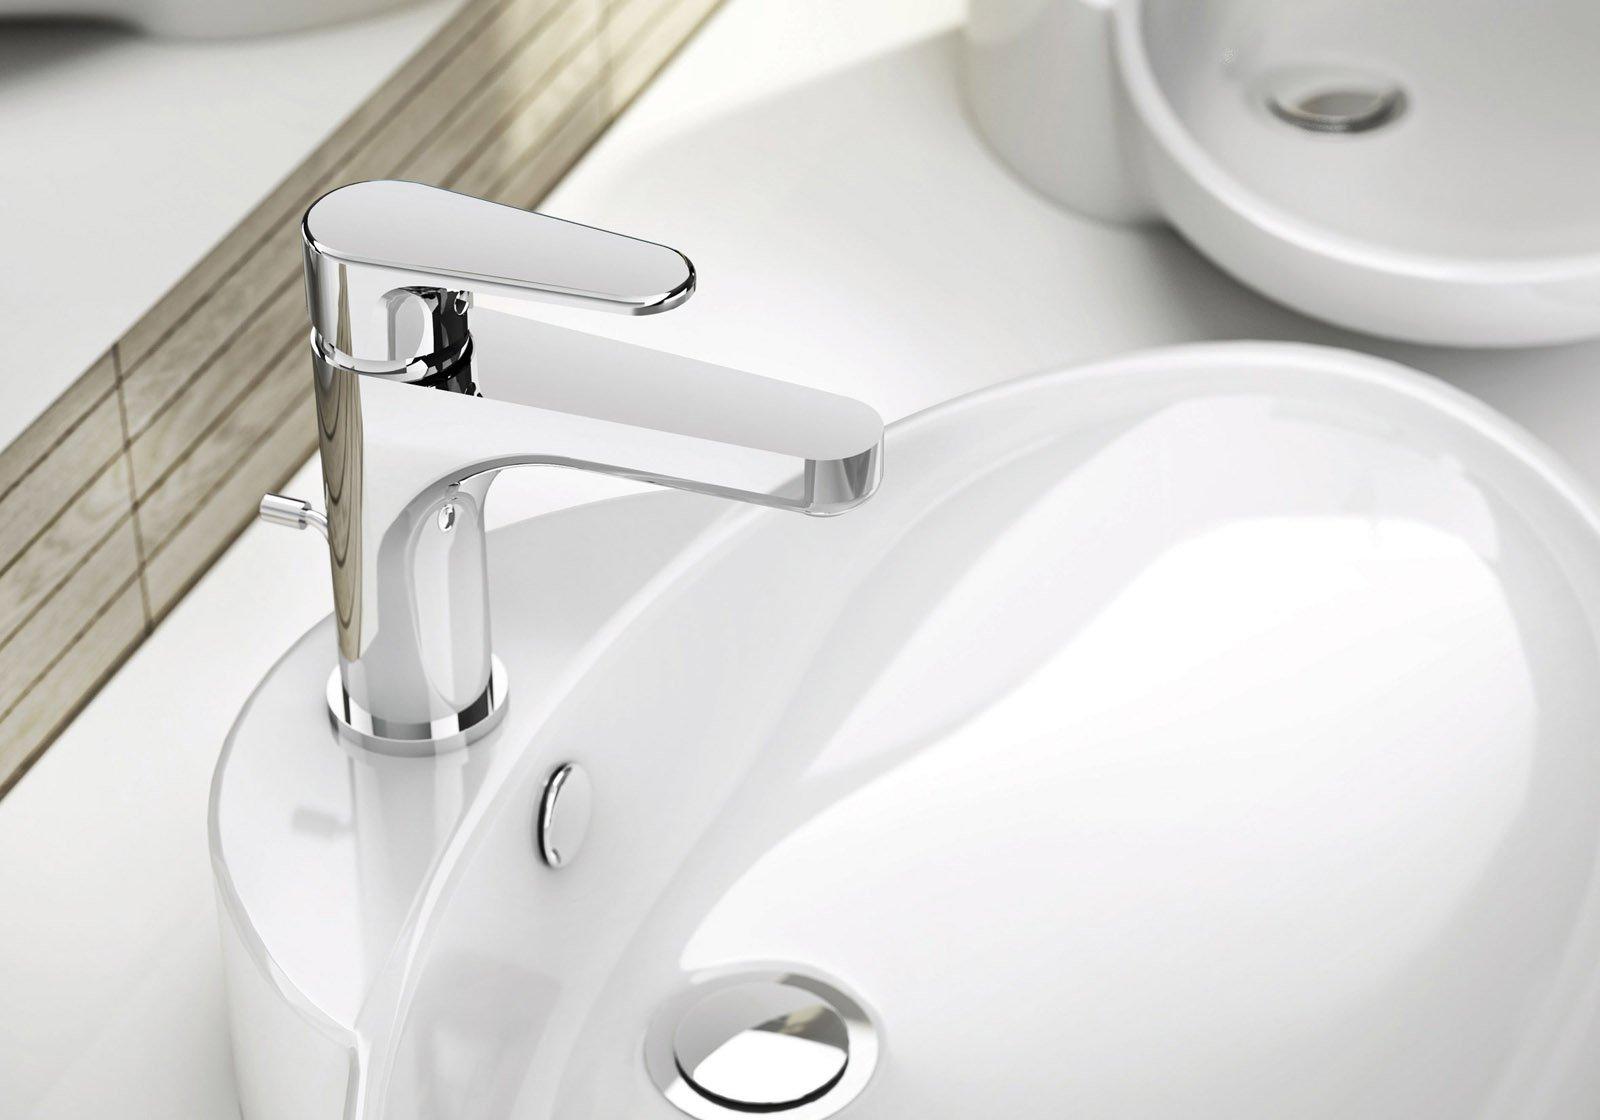 Risparmiare acqua ecco i rubinetti giusti cose di casa - Rubinetteria bagno frattini prezzi ...